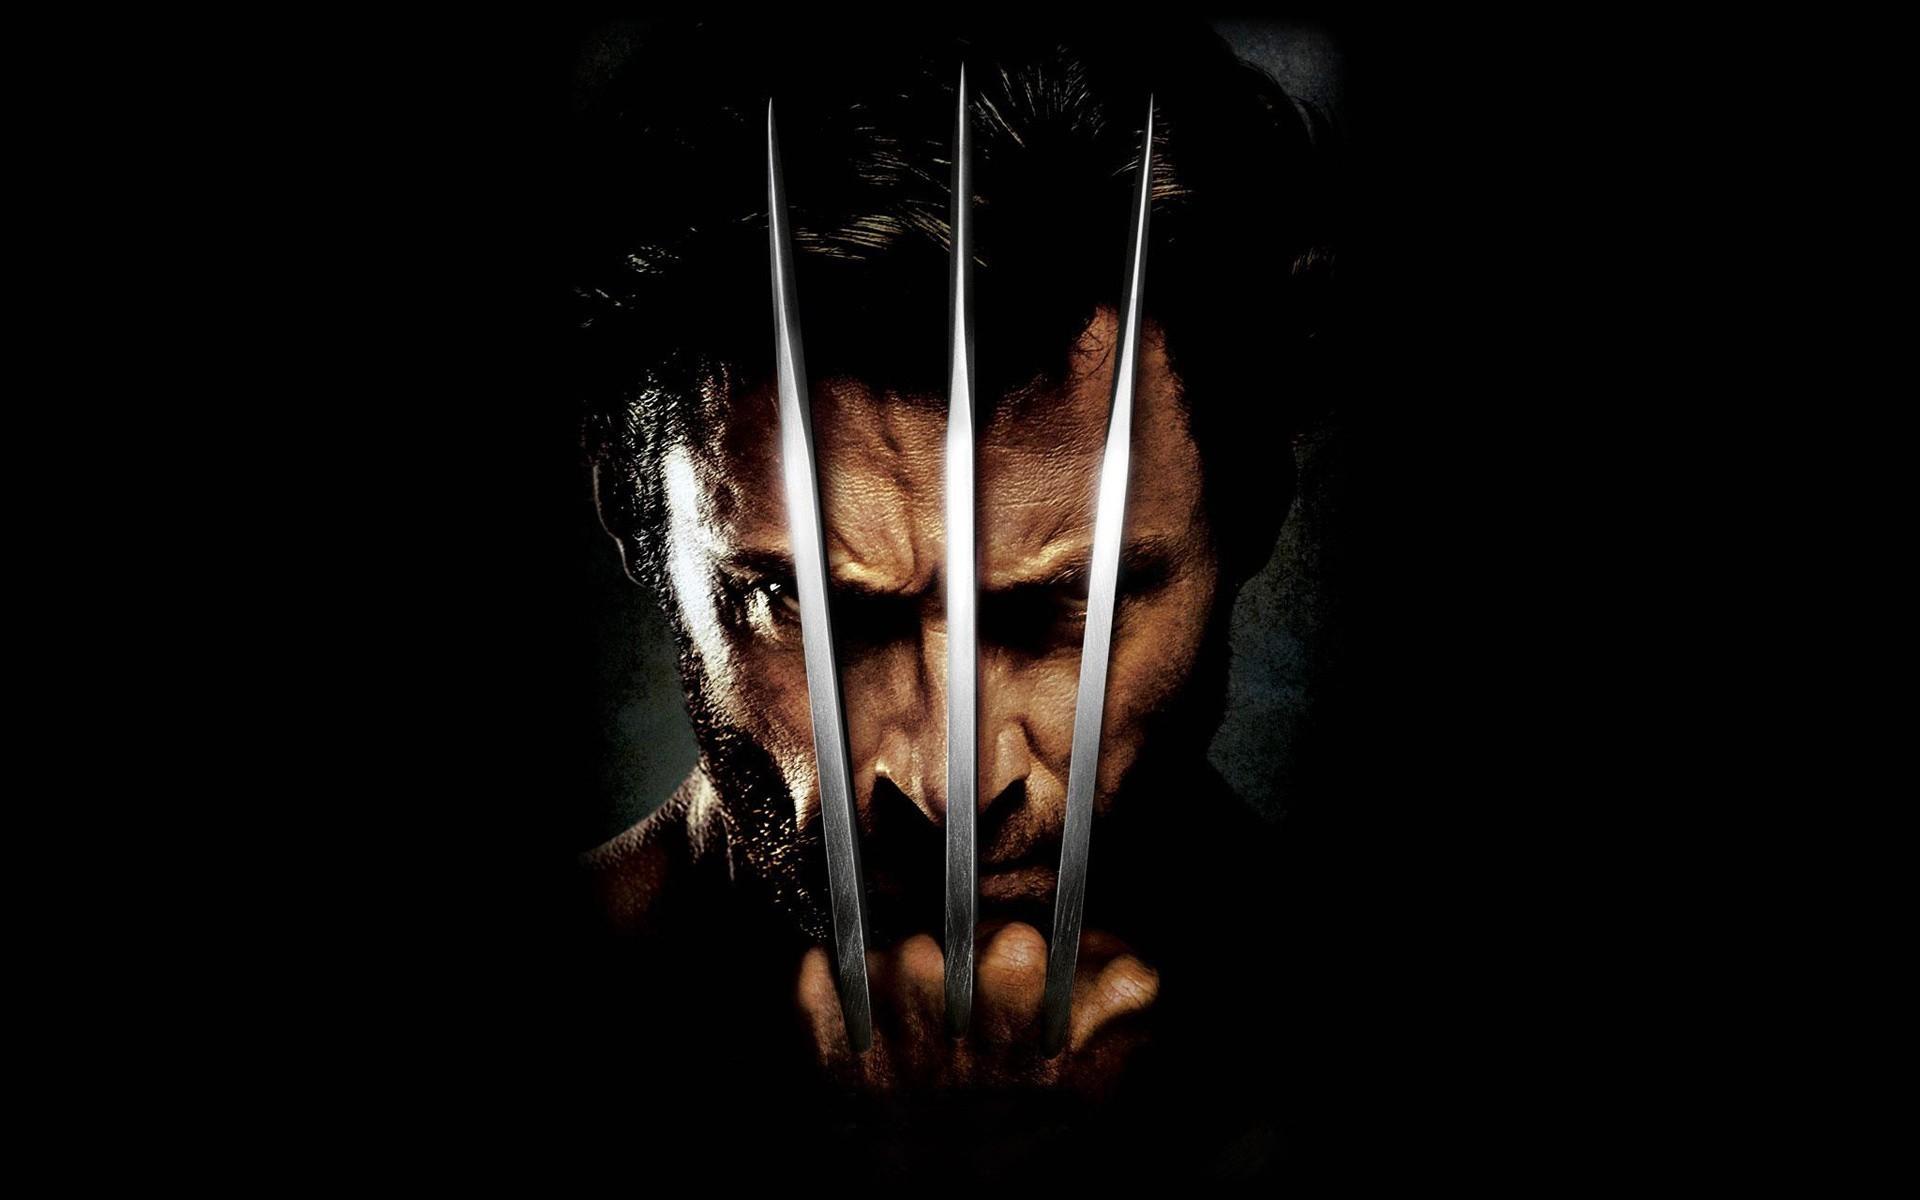 Wolverine Desktop Wallpaper 900×640 Wolverine Pictures Wallpapers (46  Wallpapers) | Adorable Wallpapers | Wallpapers | Pinterest | Wolverine  pictures and …